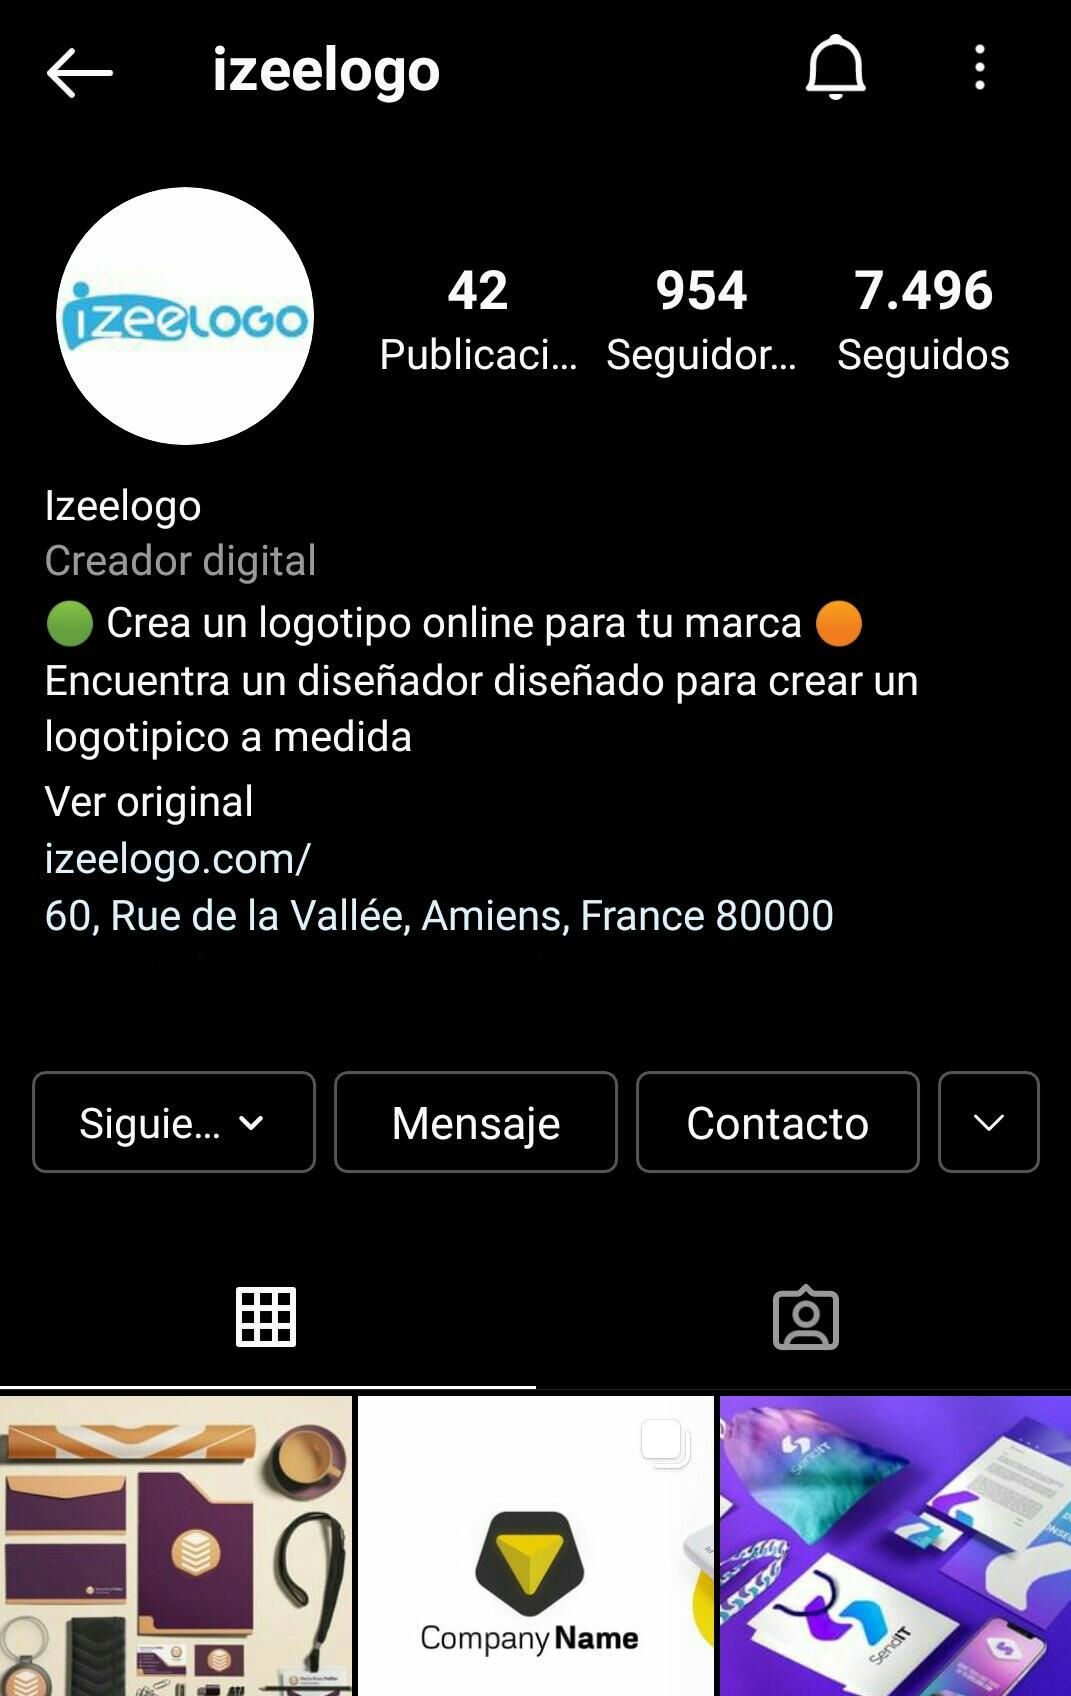 Aquí está el perfil instagram de Izeelogo, su creador de logos personalizados online